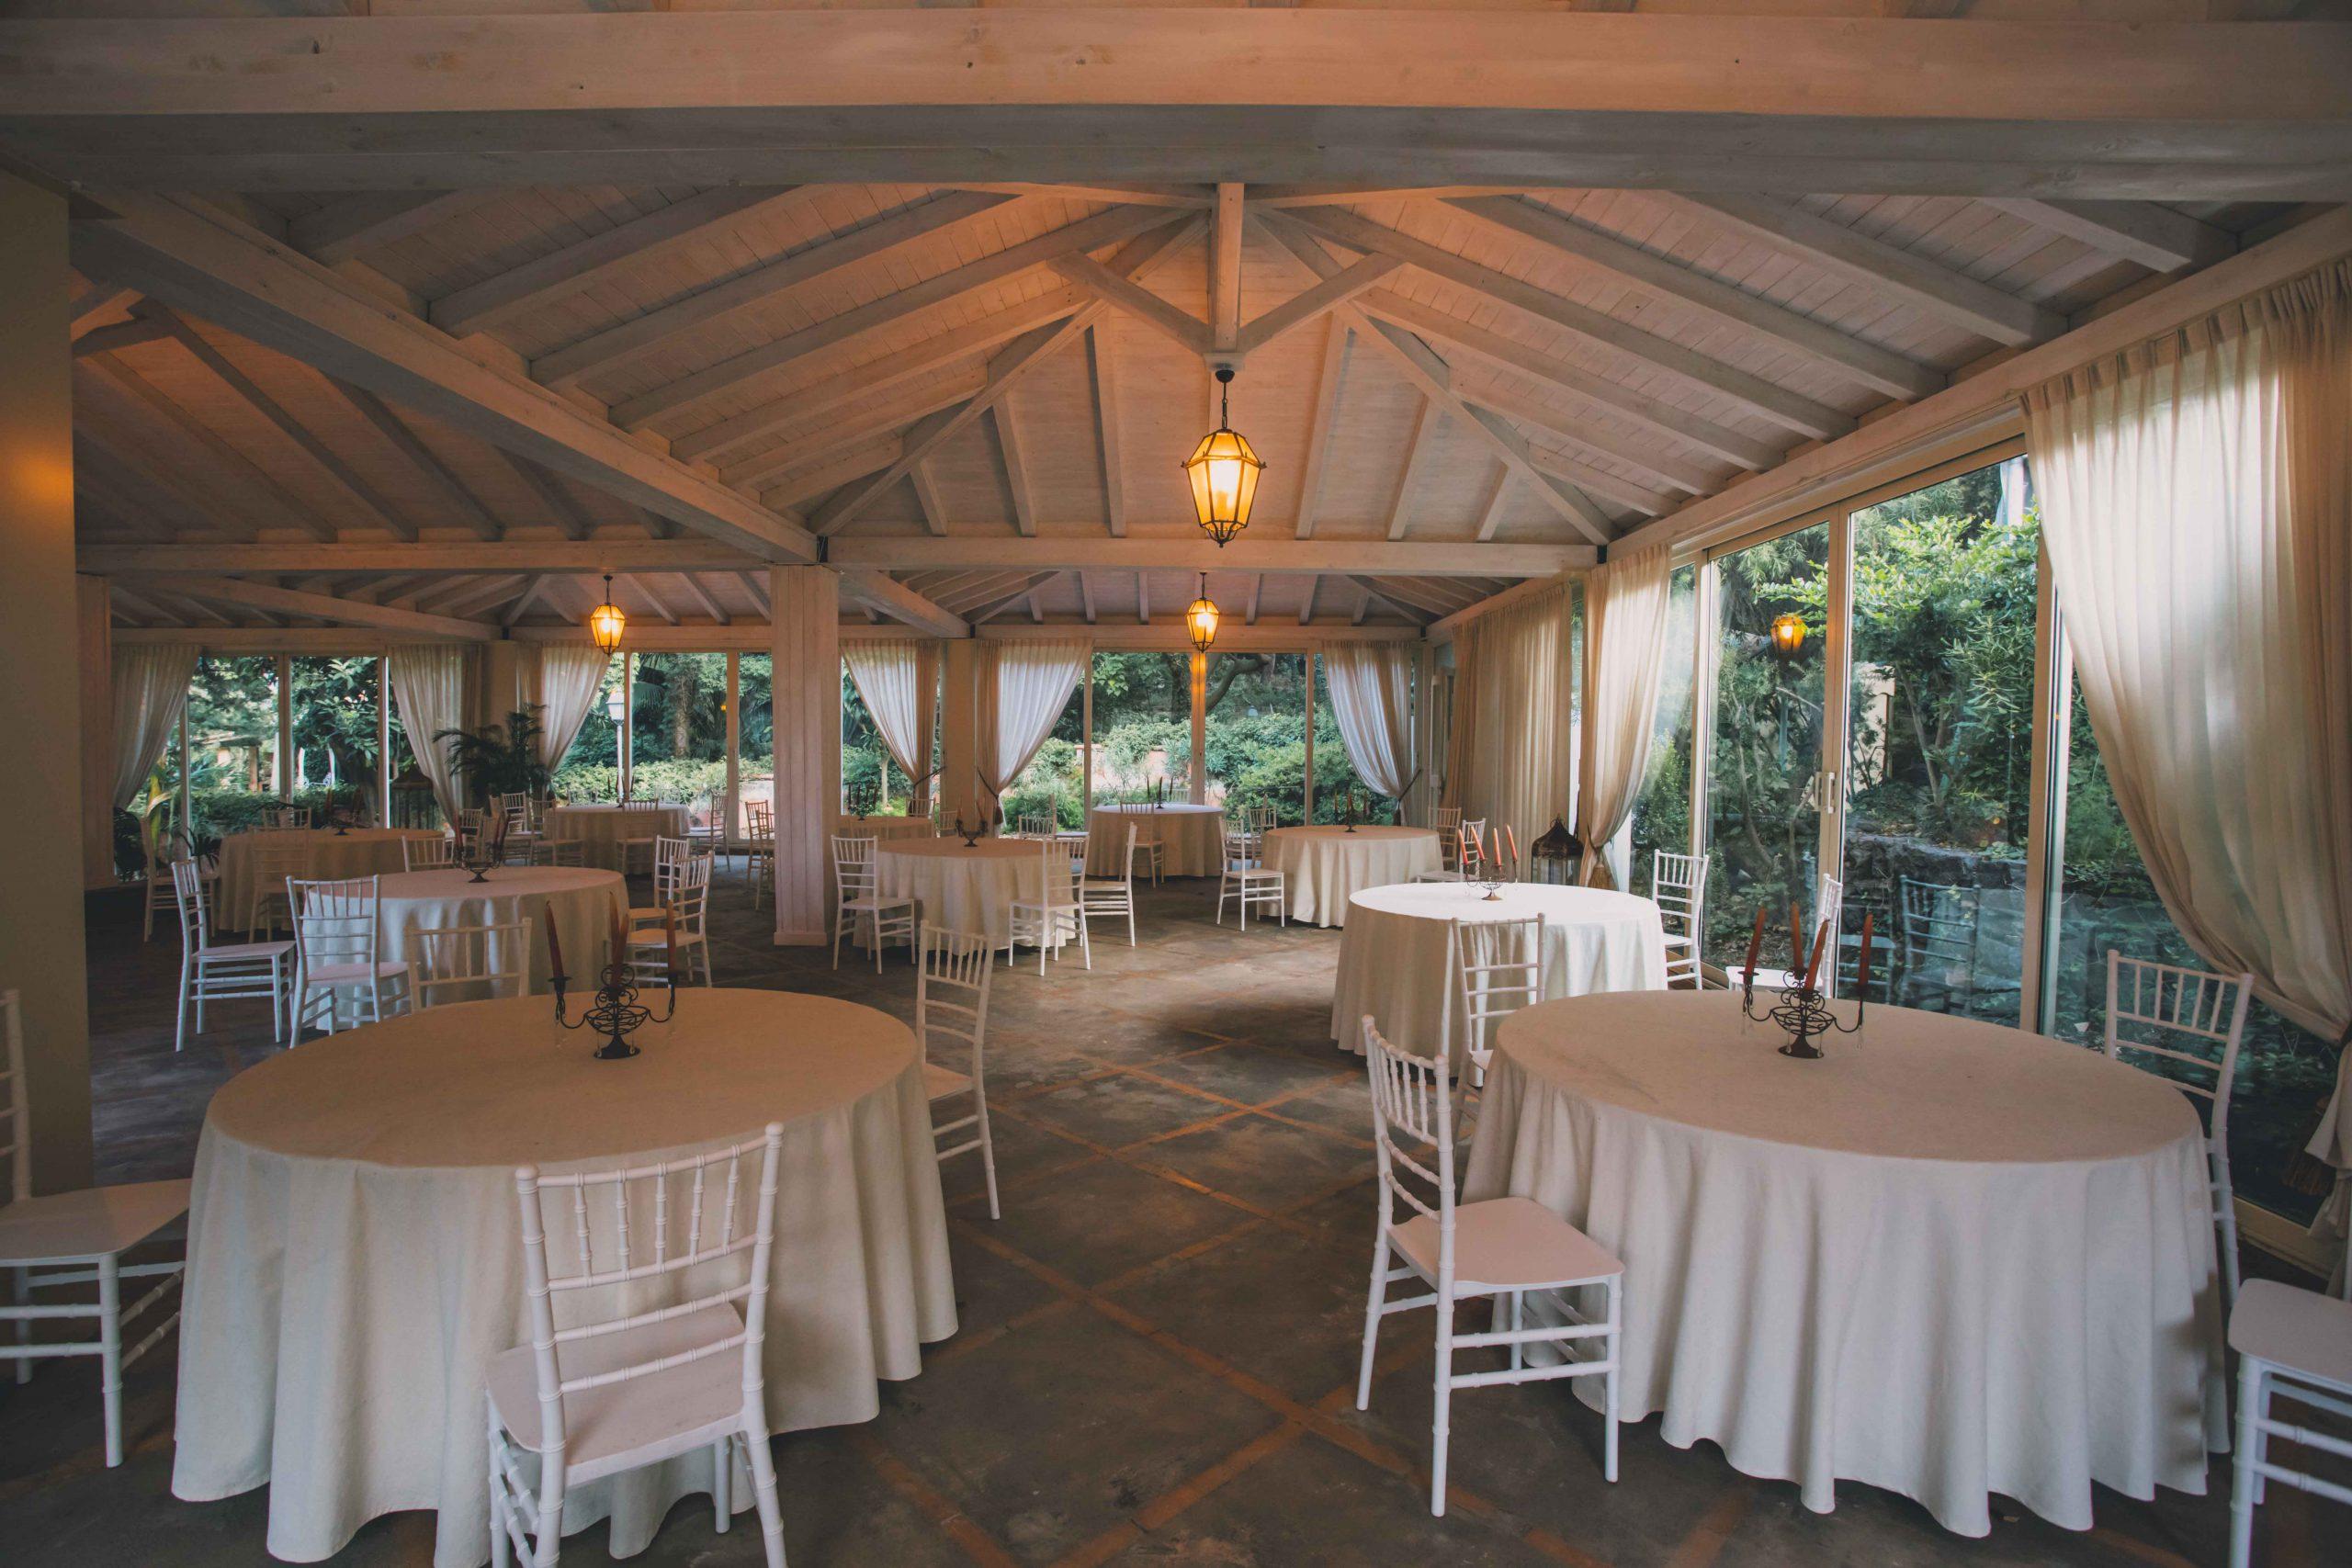 Immaginate il giorno delle vostre nozze: amici e parenti attorno ai tavoli, la musica di sottofondo e la celebrazione del vostro amore che ha inizio a Villa Musmeci e continuerà per sempre.